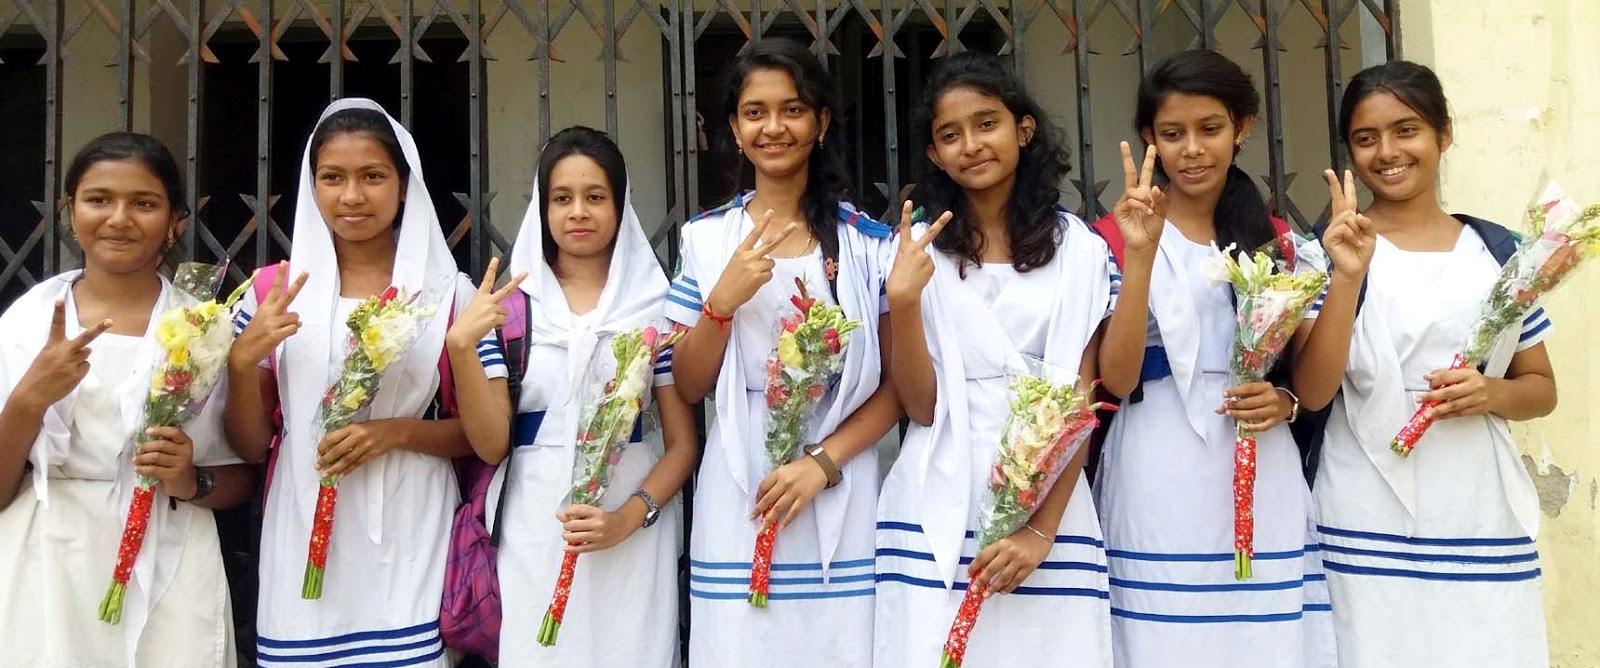 পাইকগাছায় ছাত্রী সংসদ নির্বাচন সম্পন্ন